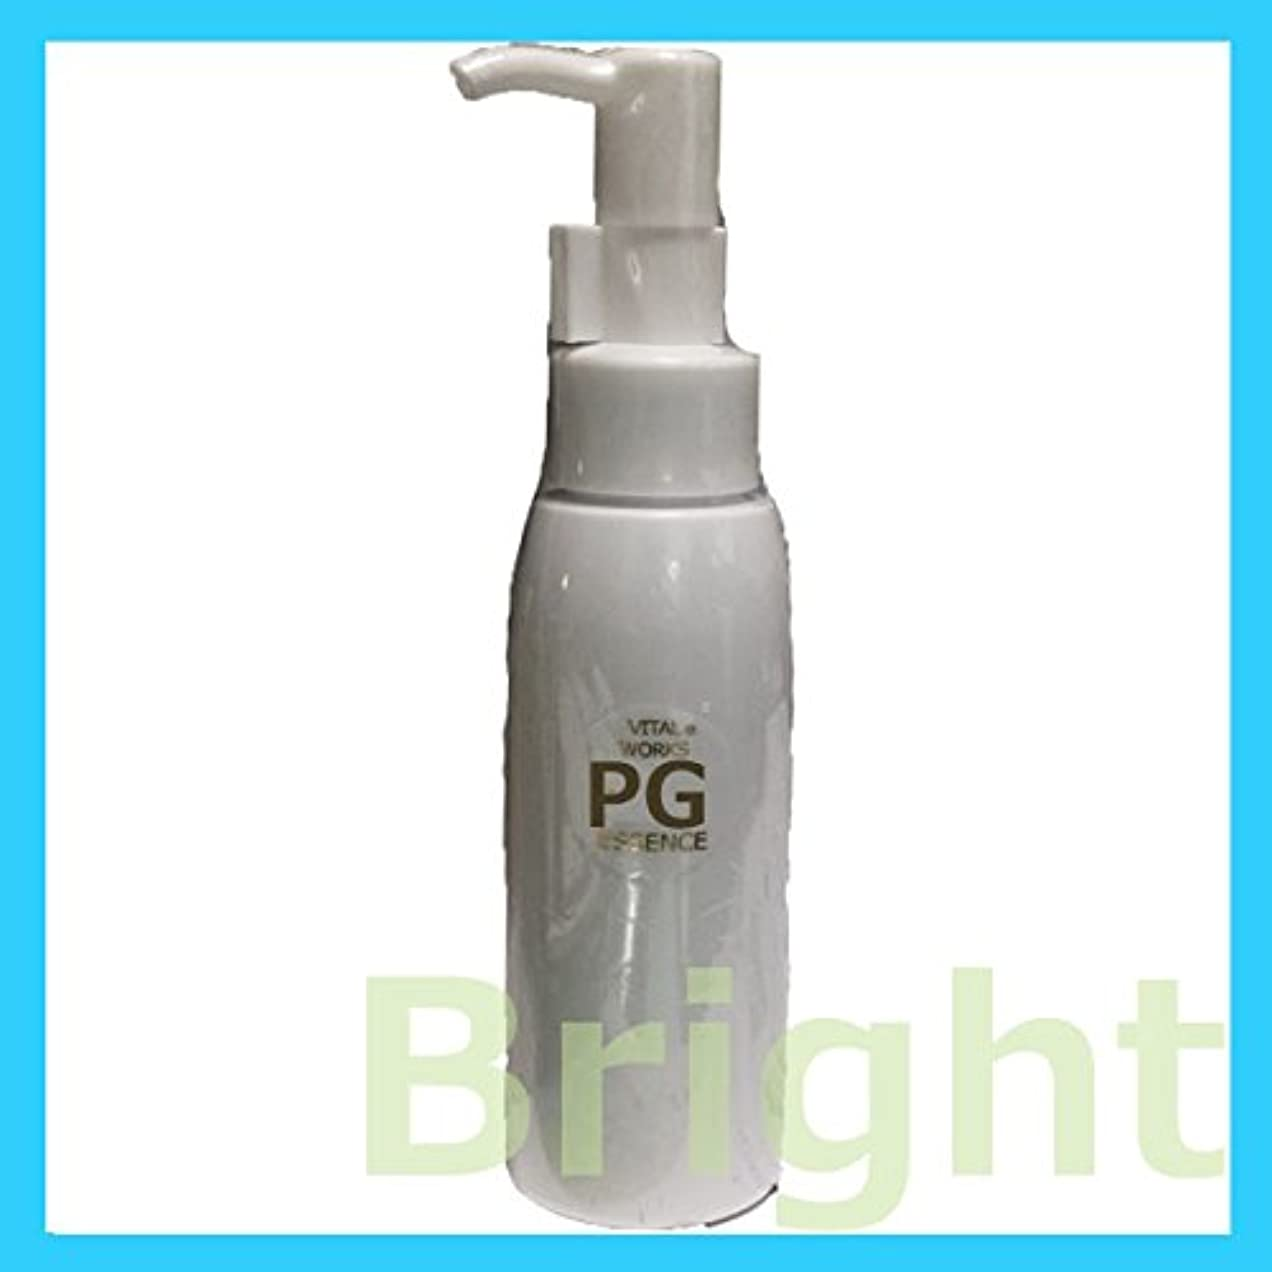 しなやか収束するピアバイタルワークス PGエッセンス 業務用 100ml (毛穴?うるおい) 肌荒れを防ぐ 高機能美容液